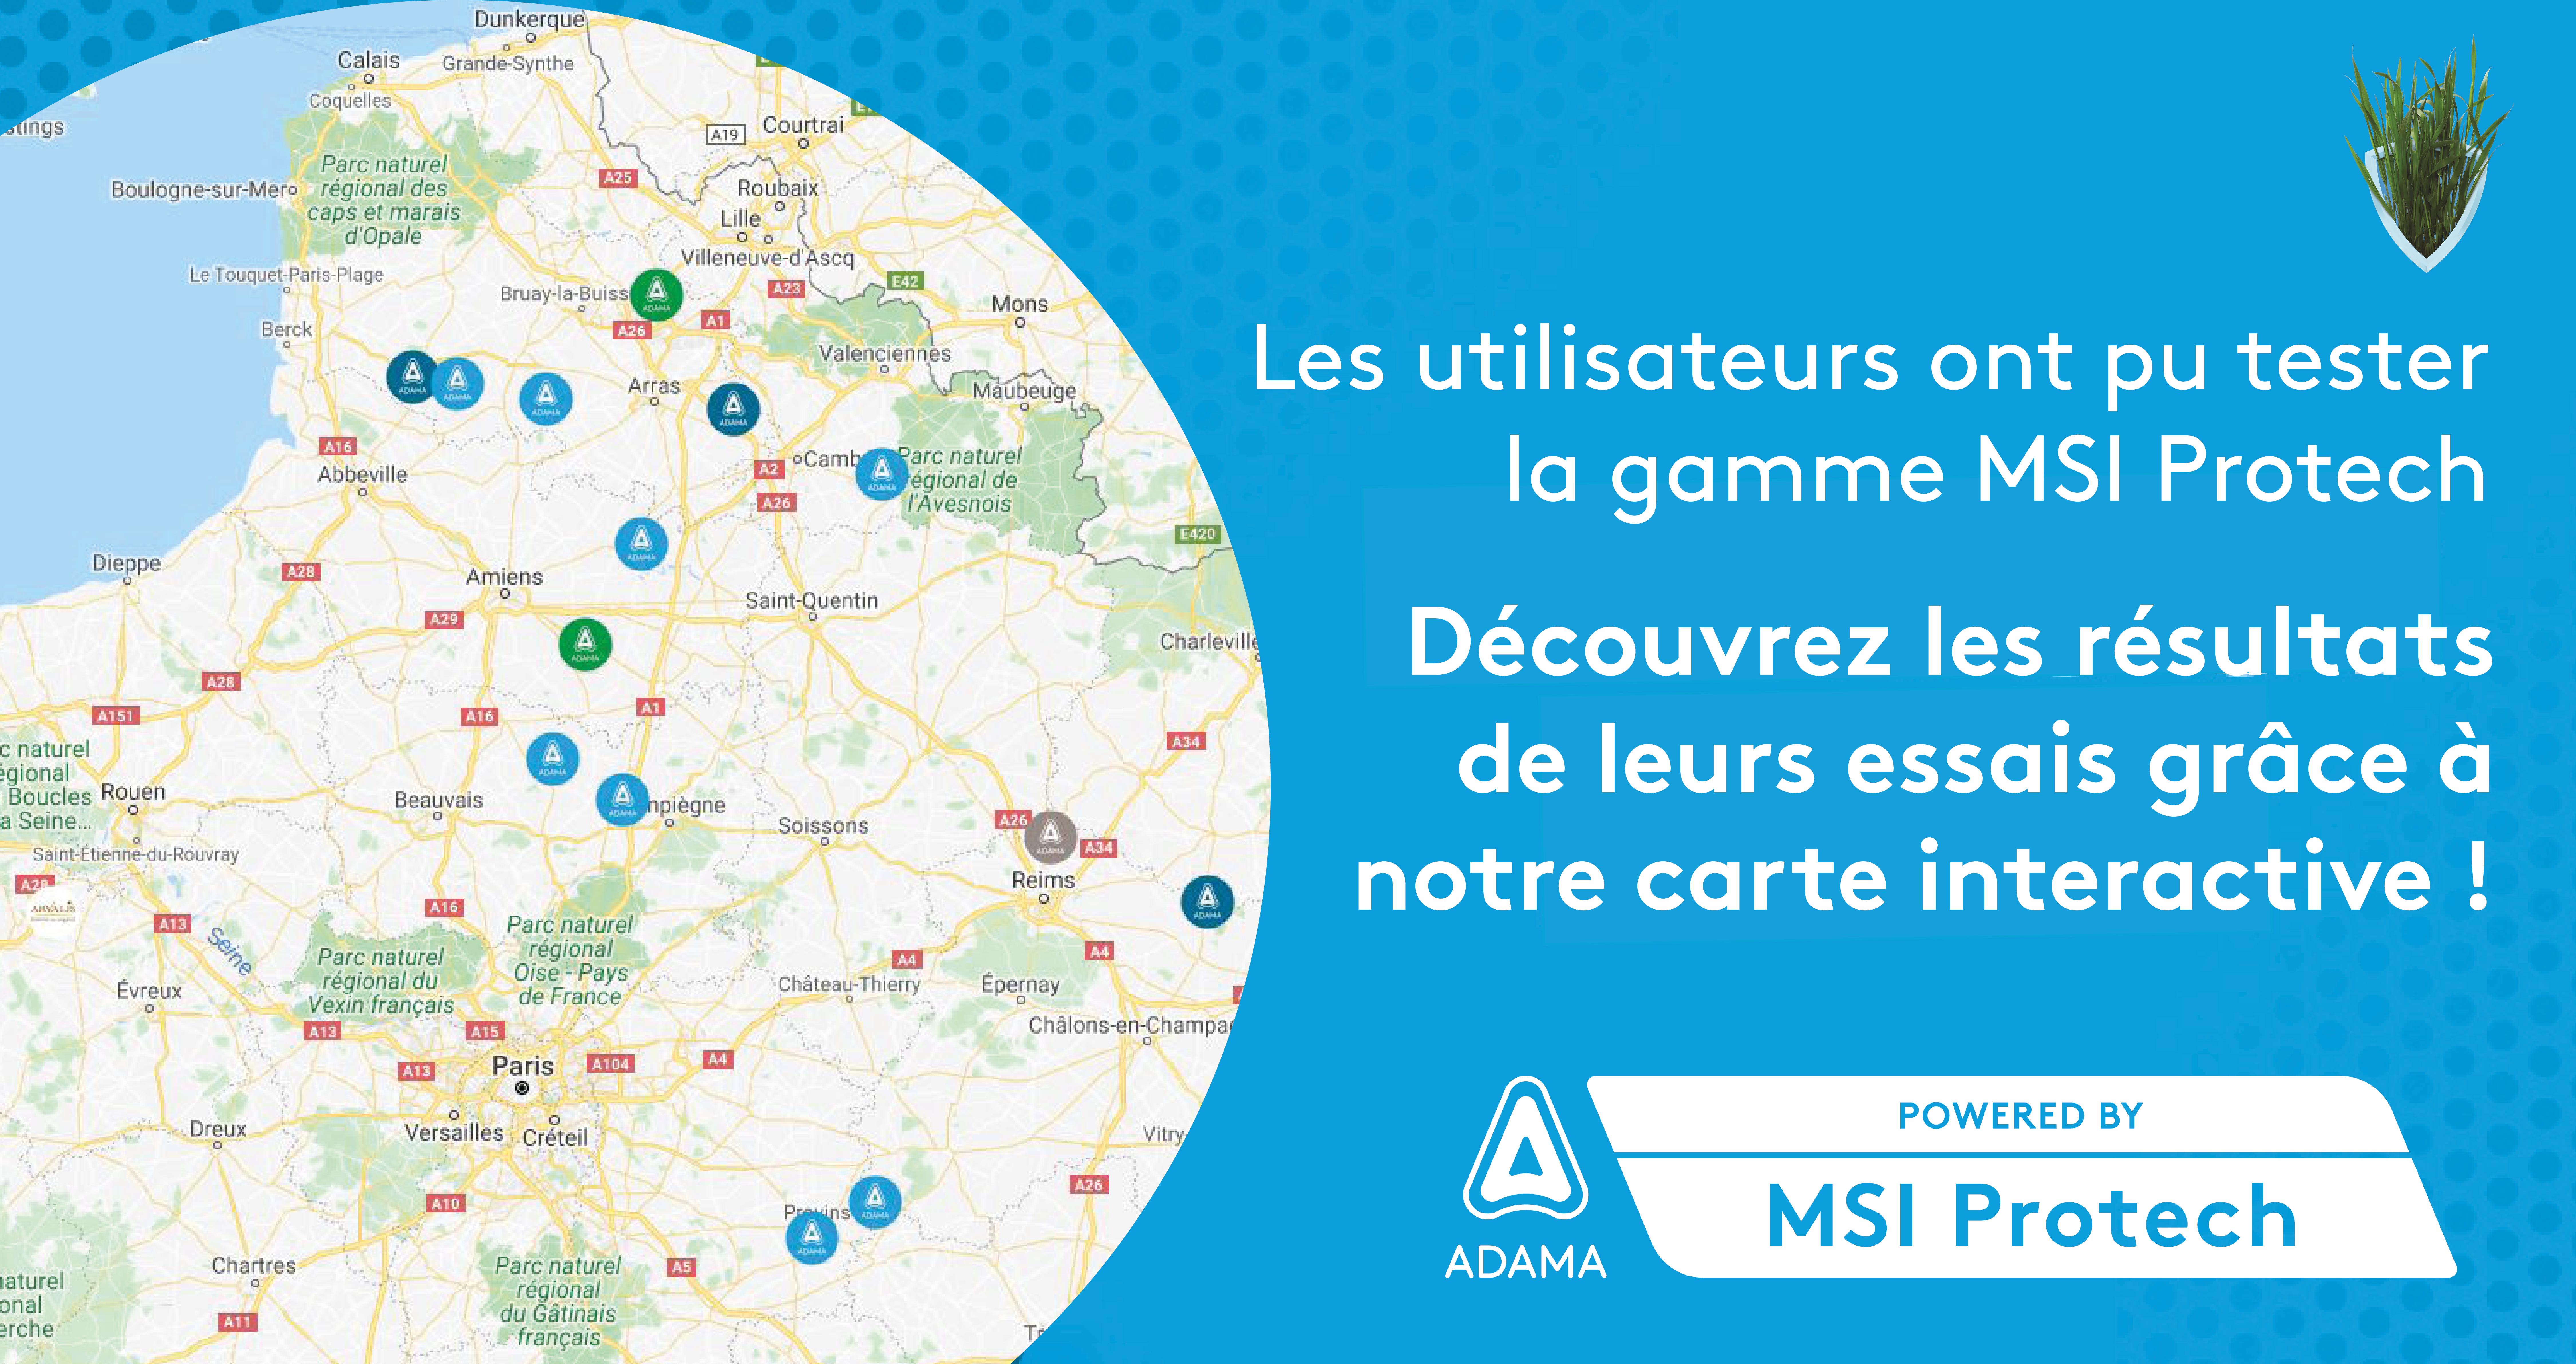 Carte interactive essais MSI Protech Blé